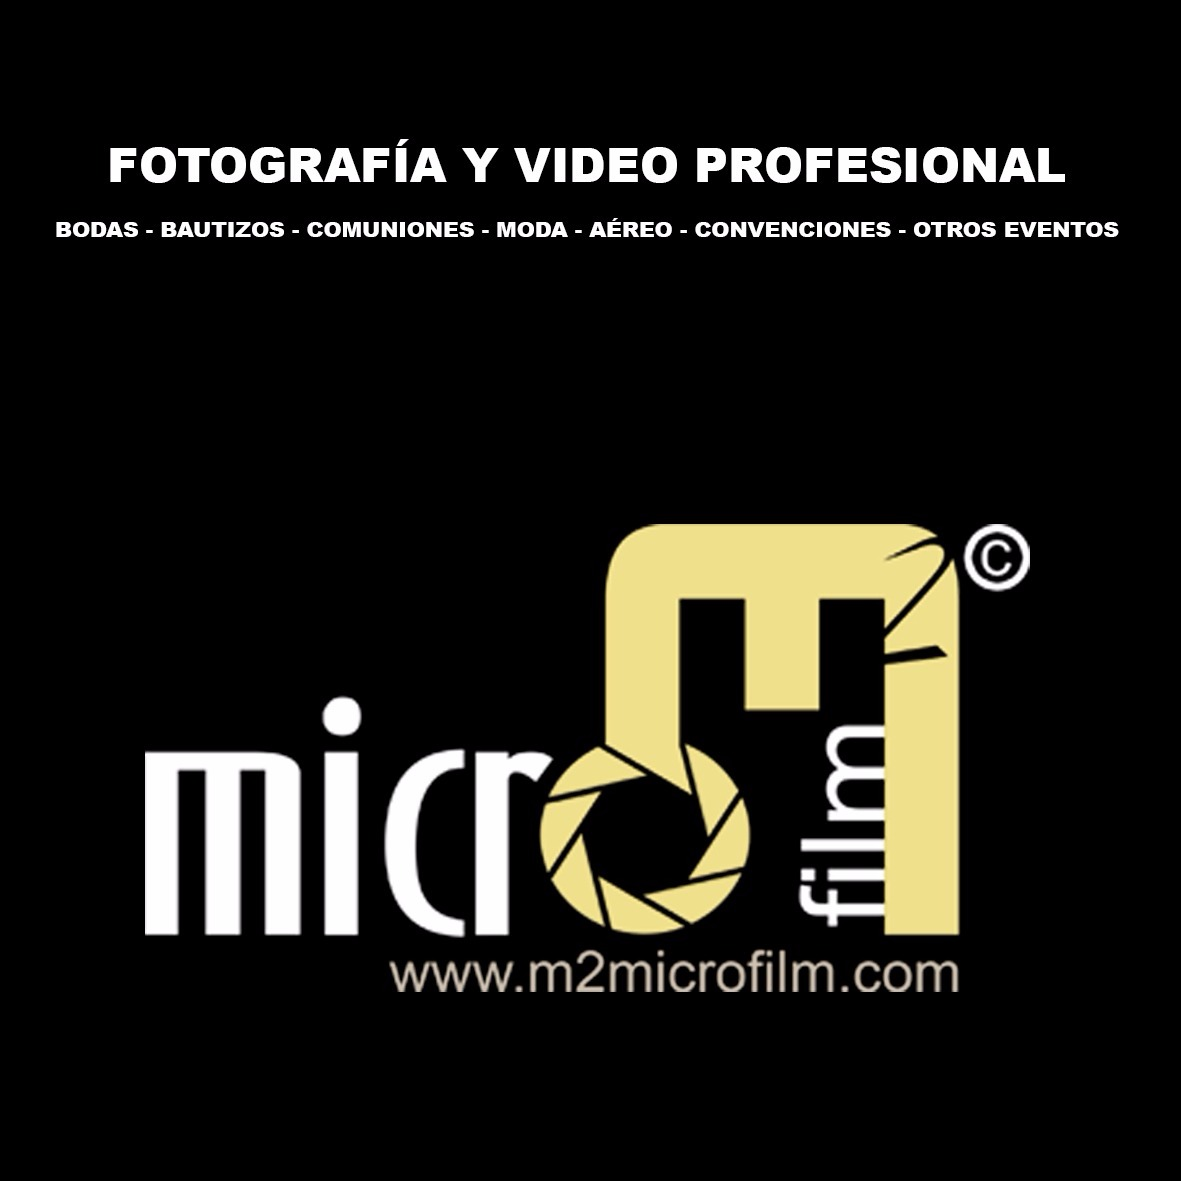 Fotografía y Vídeo profesional. - Málaga